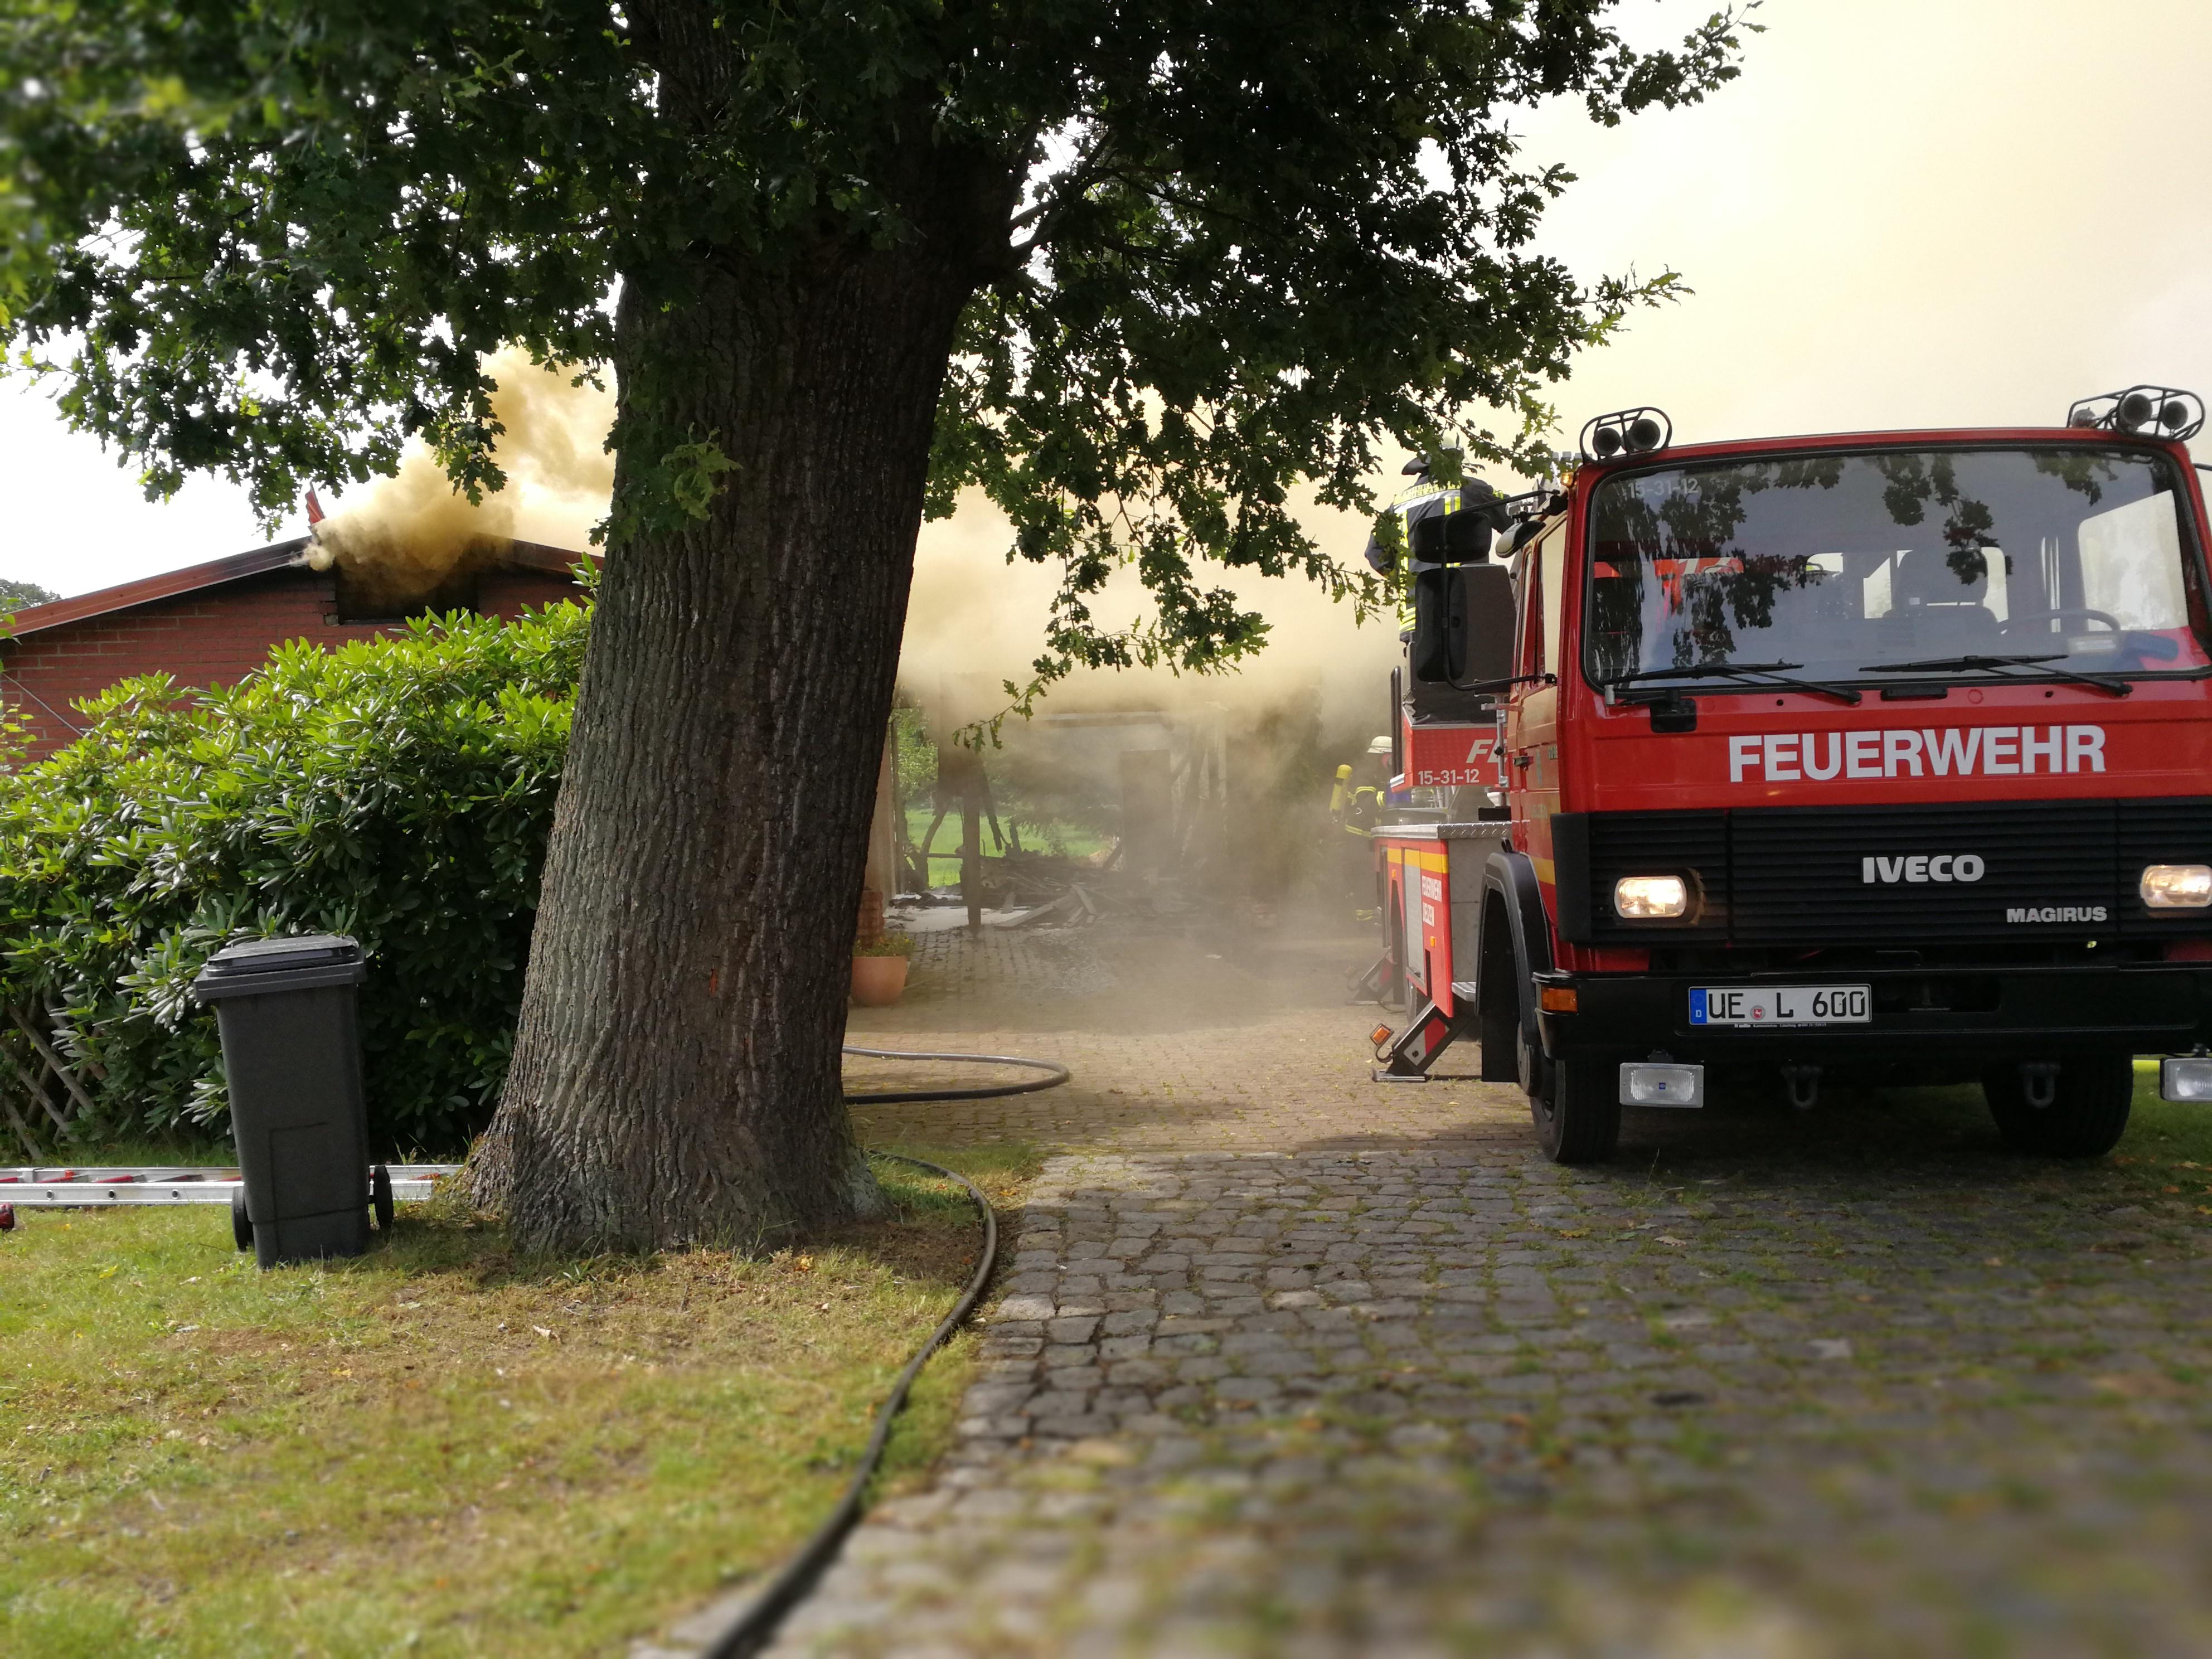 212. Anforderung DLK - Wohnhausbrand